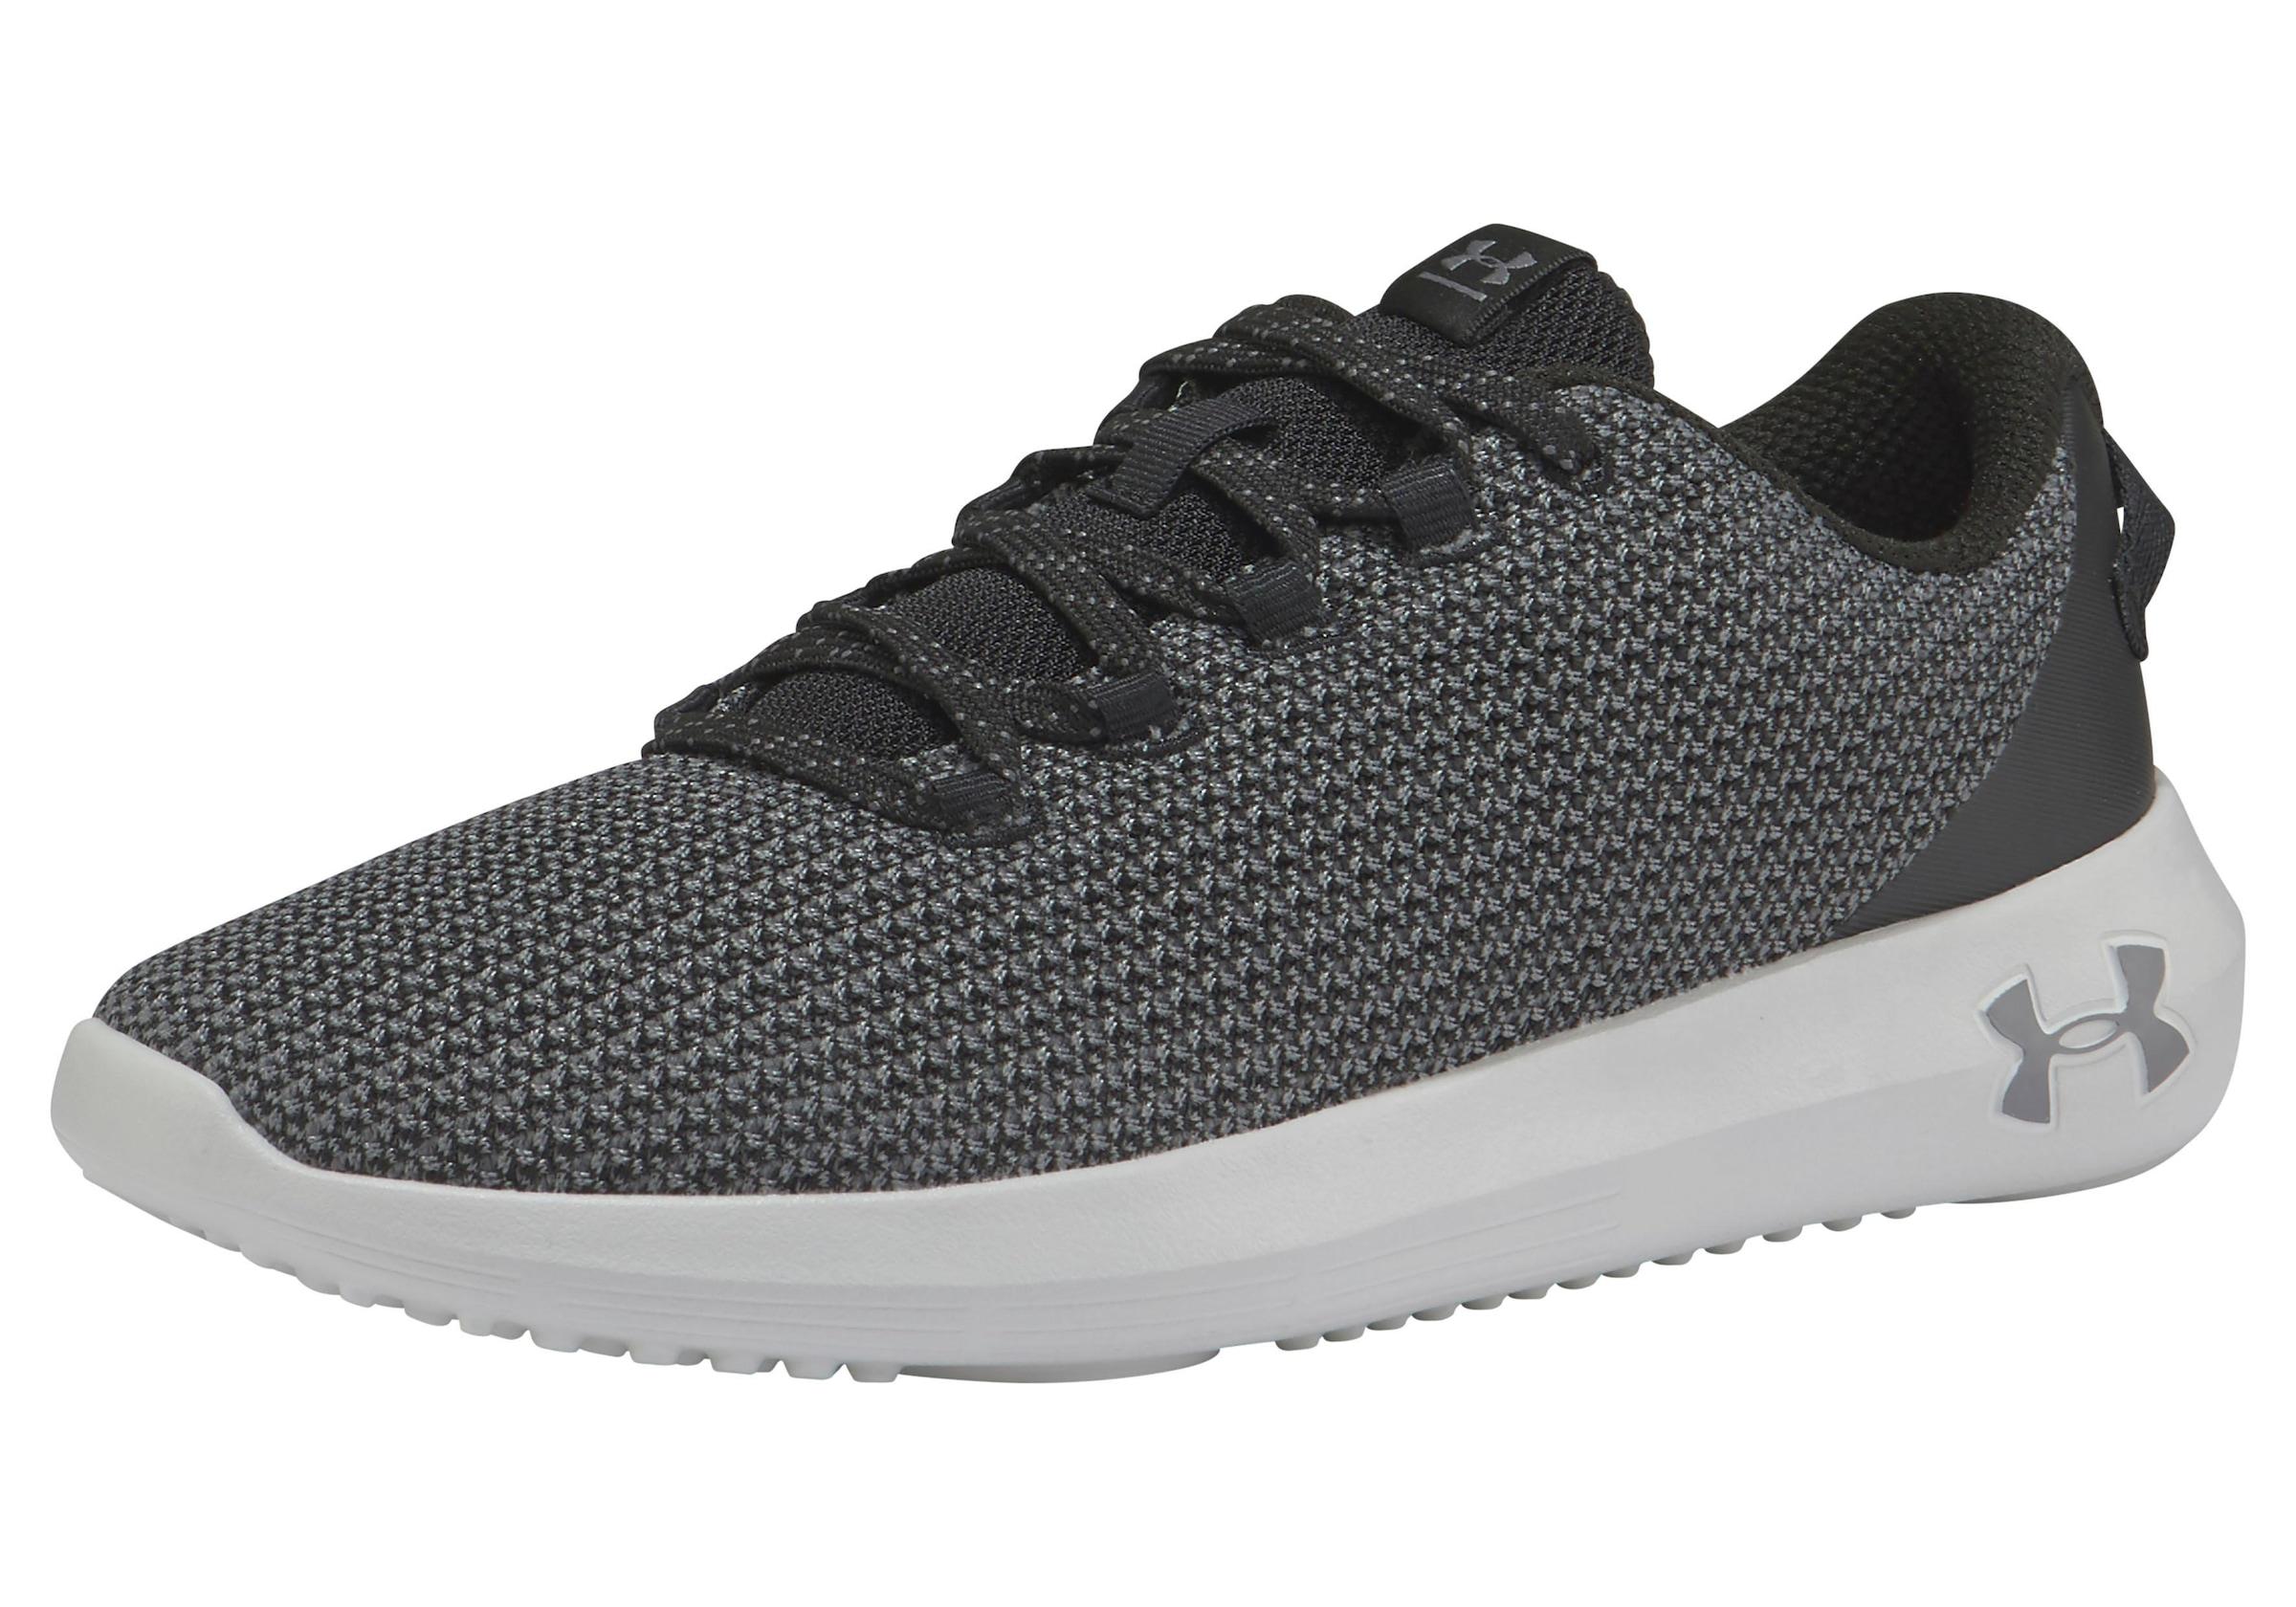 Under Armour Sneaker W Ripple gnstig kaufen | Gutes Gutes Gutes Preis-Leistungs-Verhältnis, es lohnt sich 4a2896